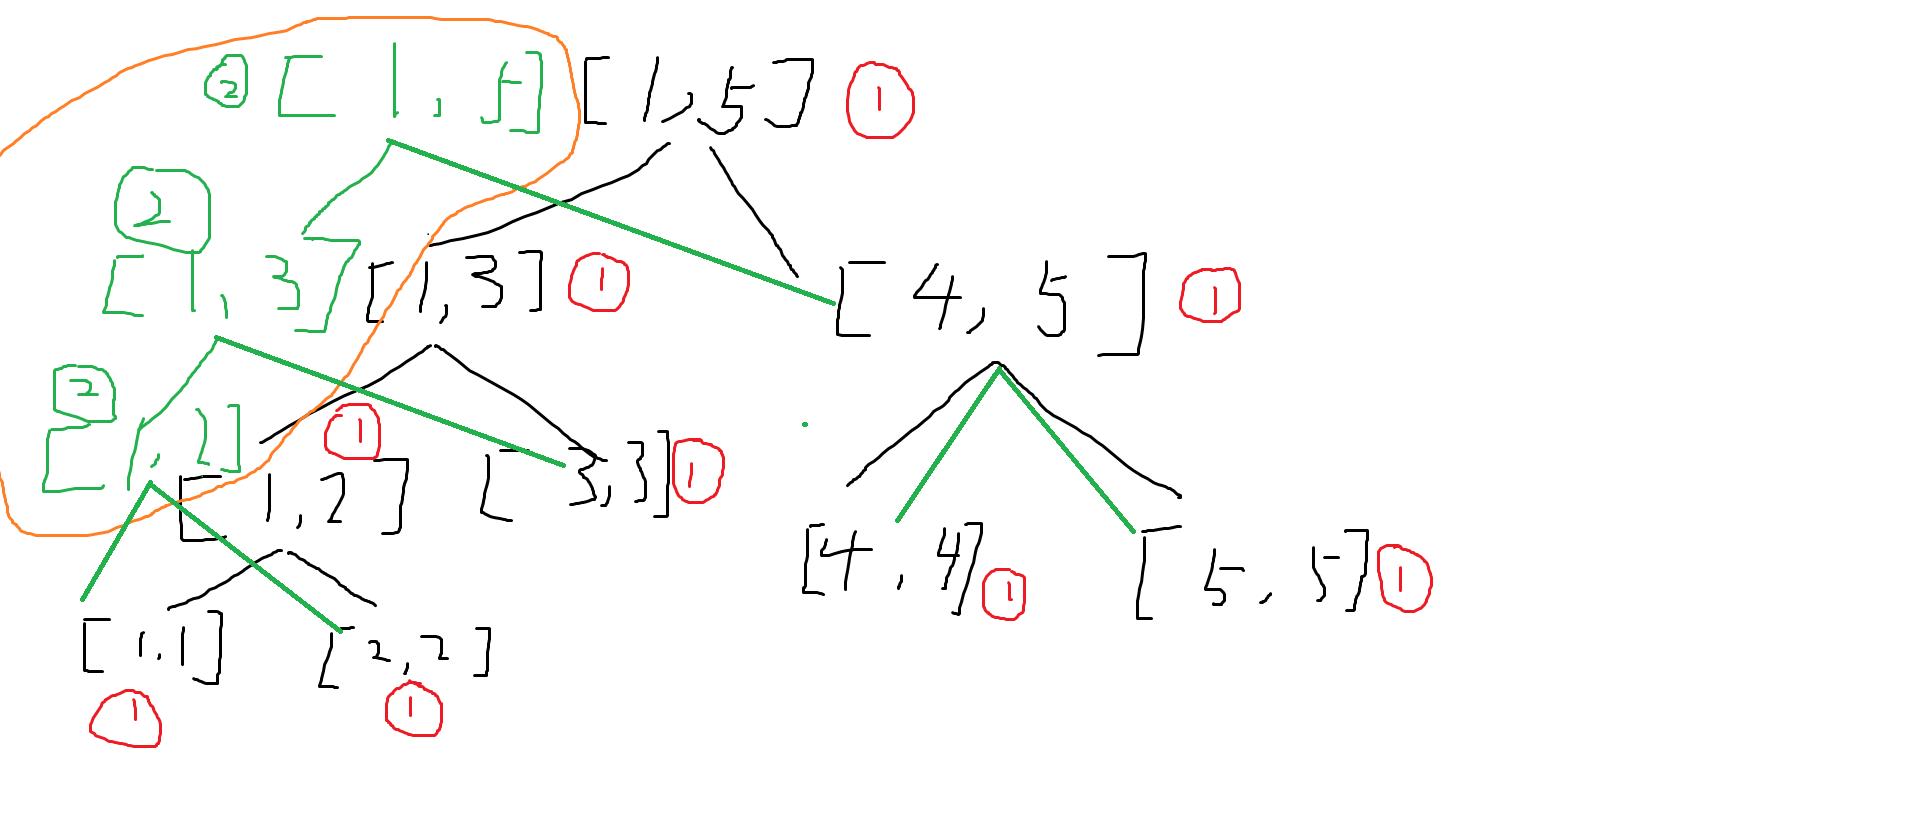 《可持久化线段树 —— ylxmf2005的OI教程》